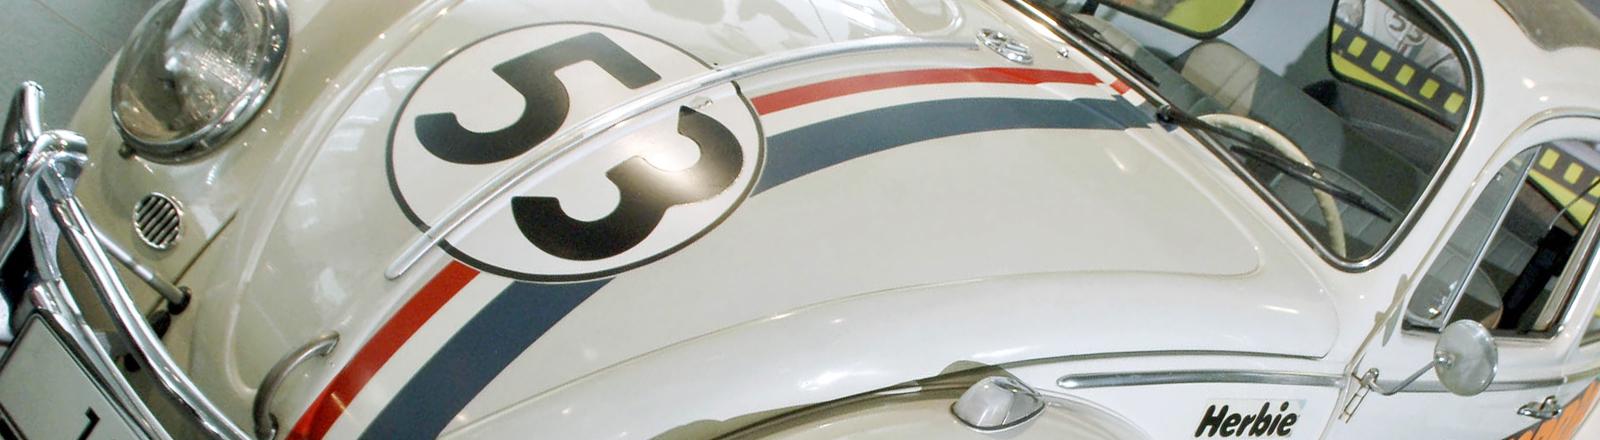 """Herbie ist der berühmteste Käfer der Filmgeschichte, prahlte im Kino mit so ziemlich allen Verrücktheiten und konnte """"selbstständig"""" denken"""""""